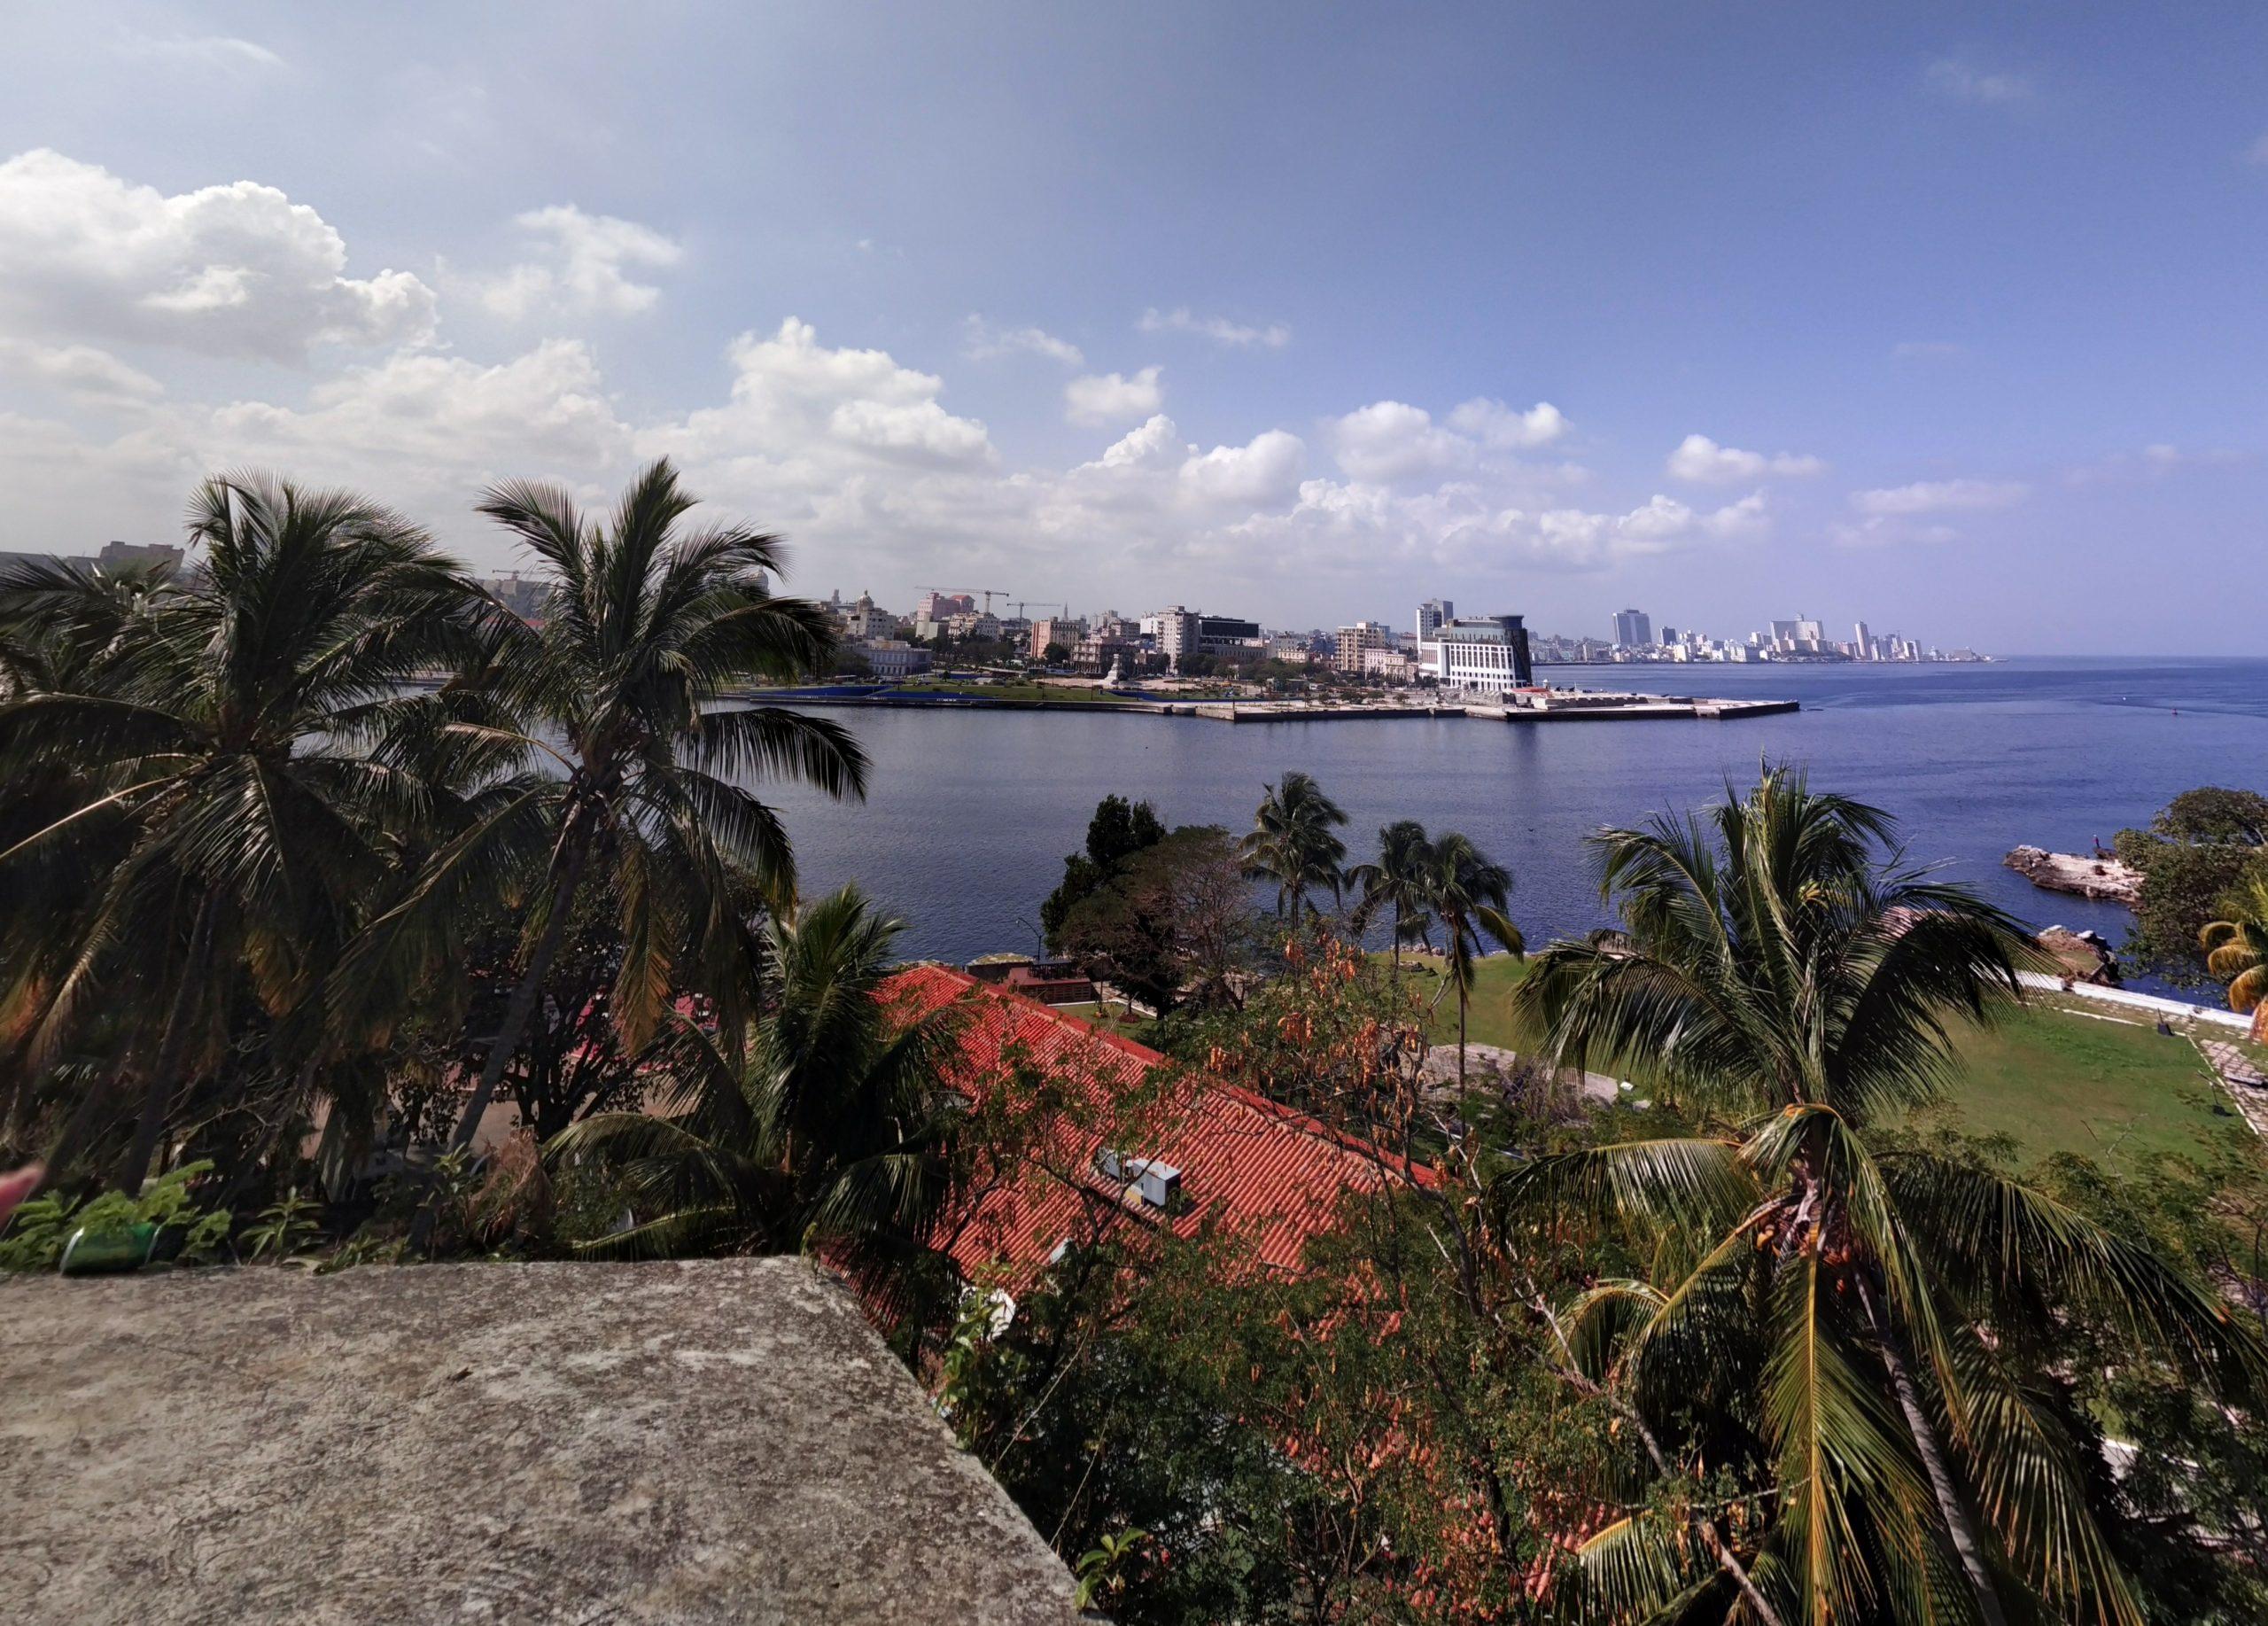 Habana scaled